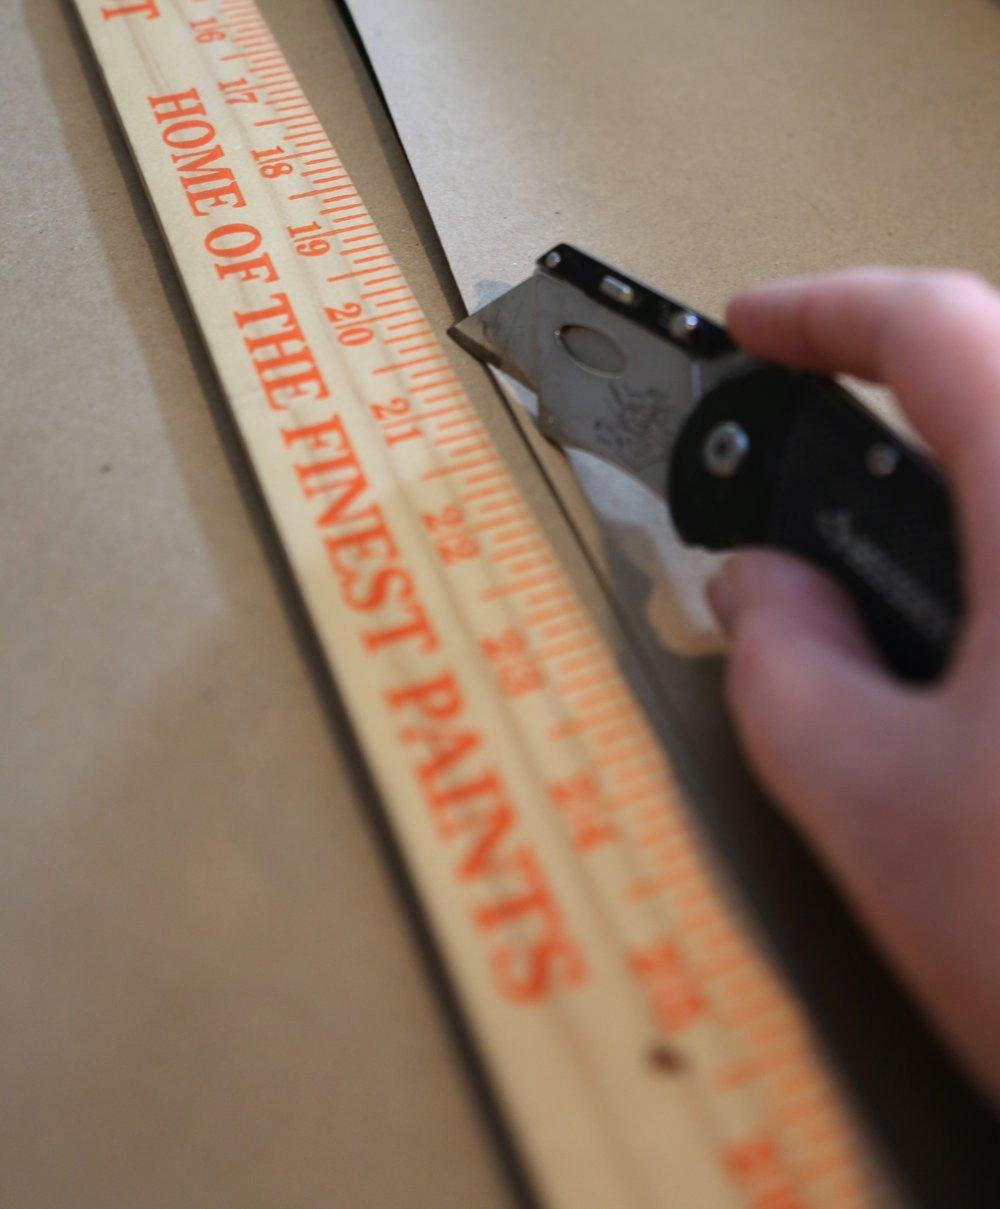 Cutting scroll artwork